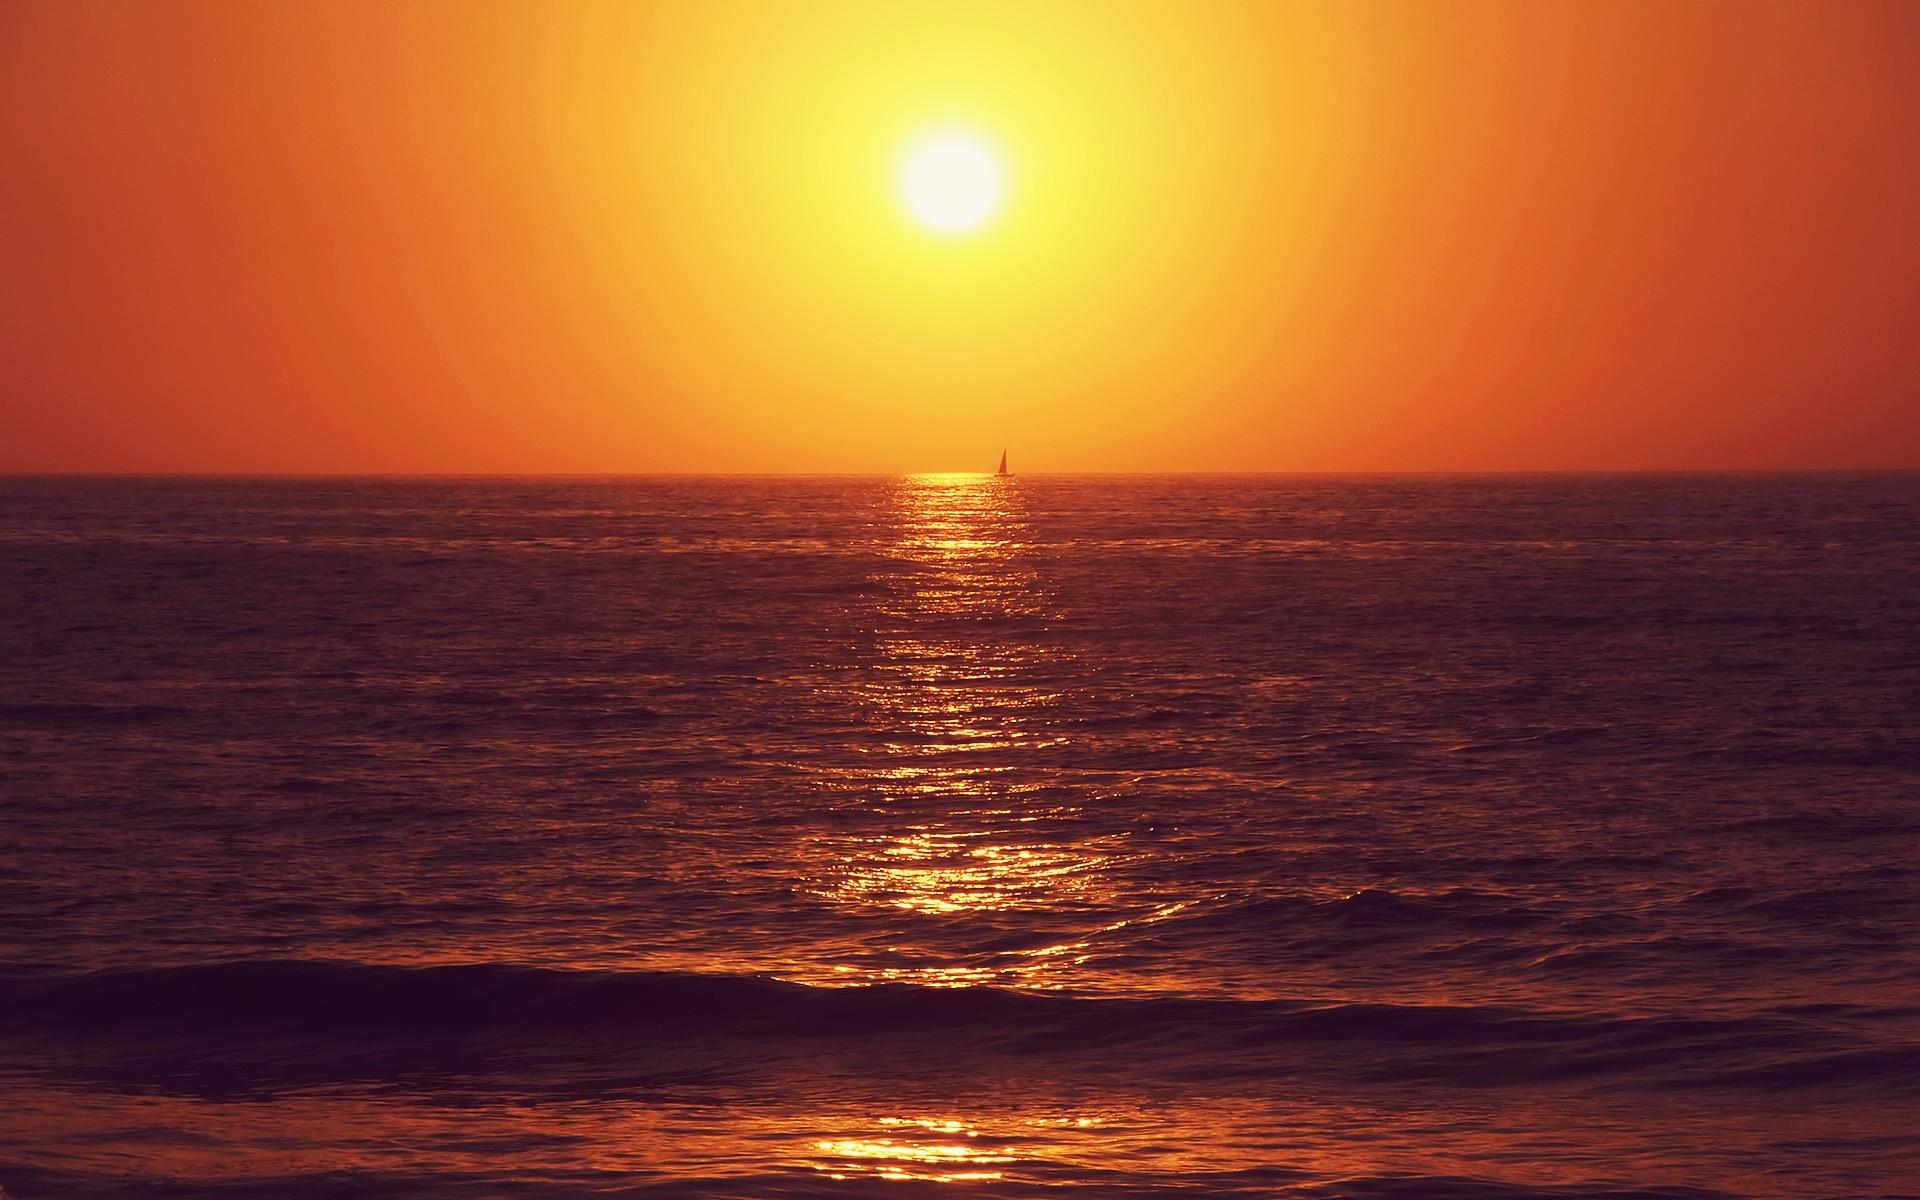 картинки про закат на море применяются